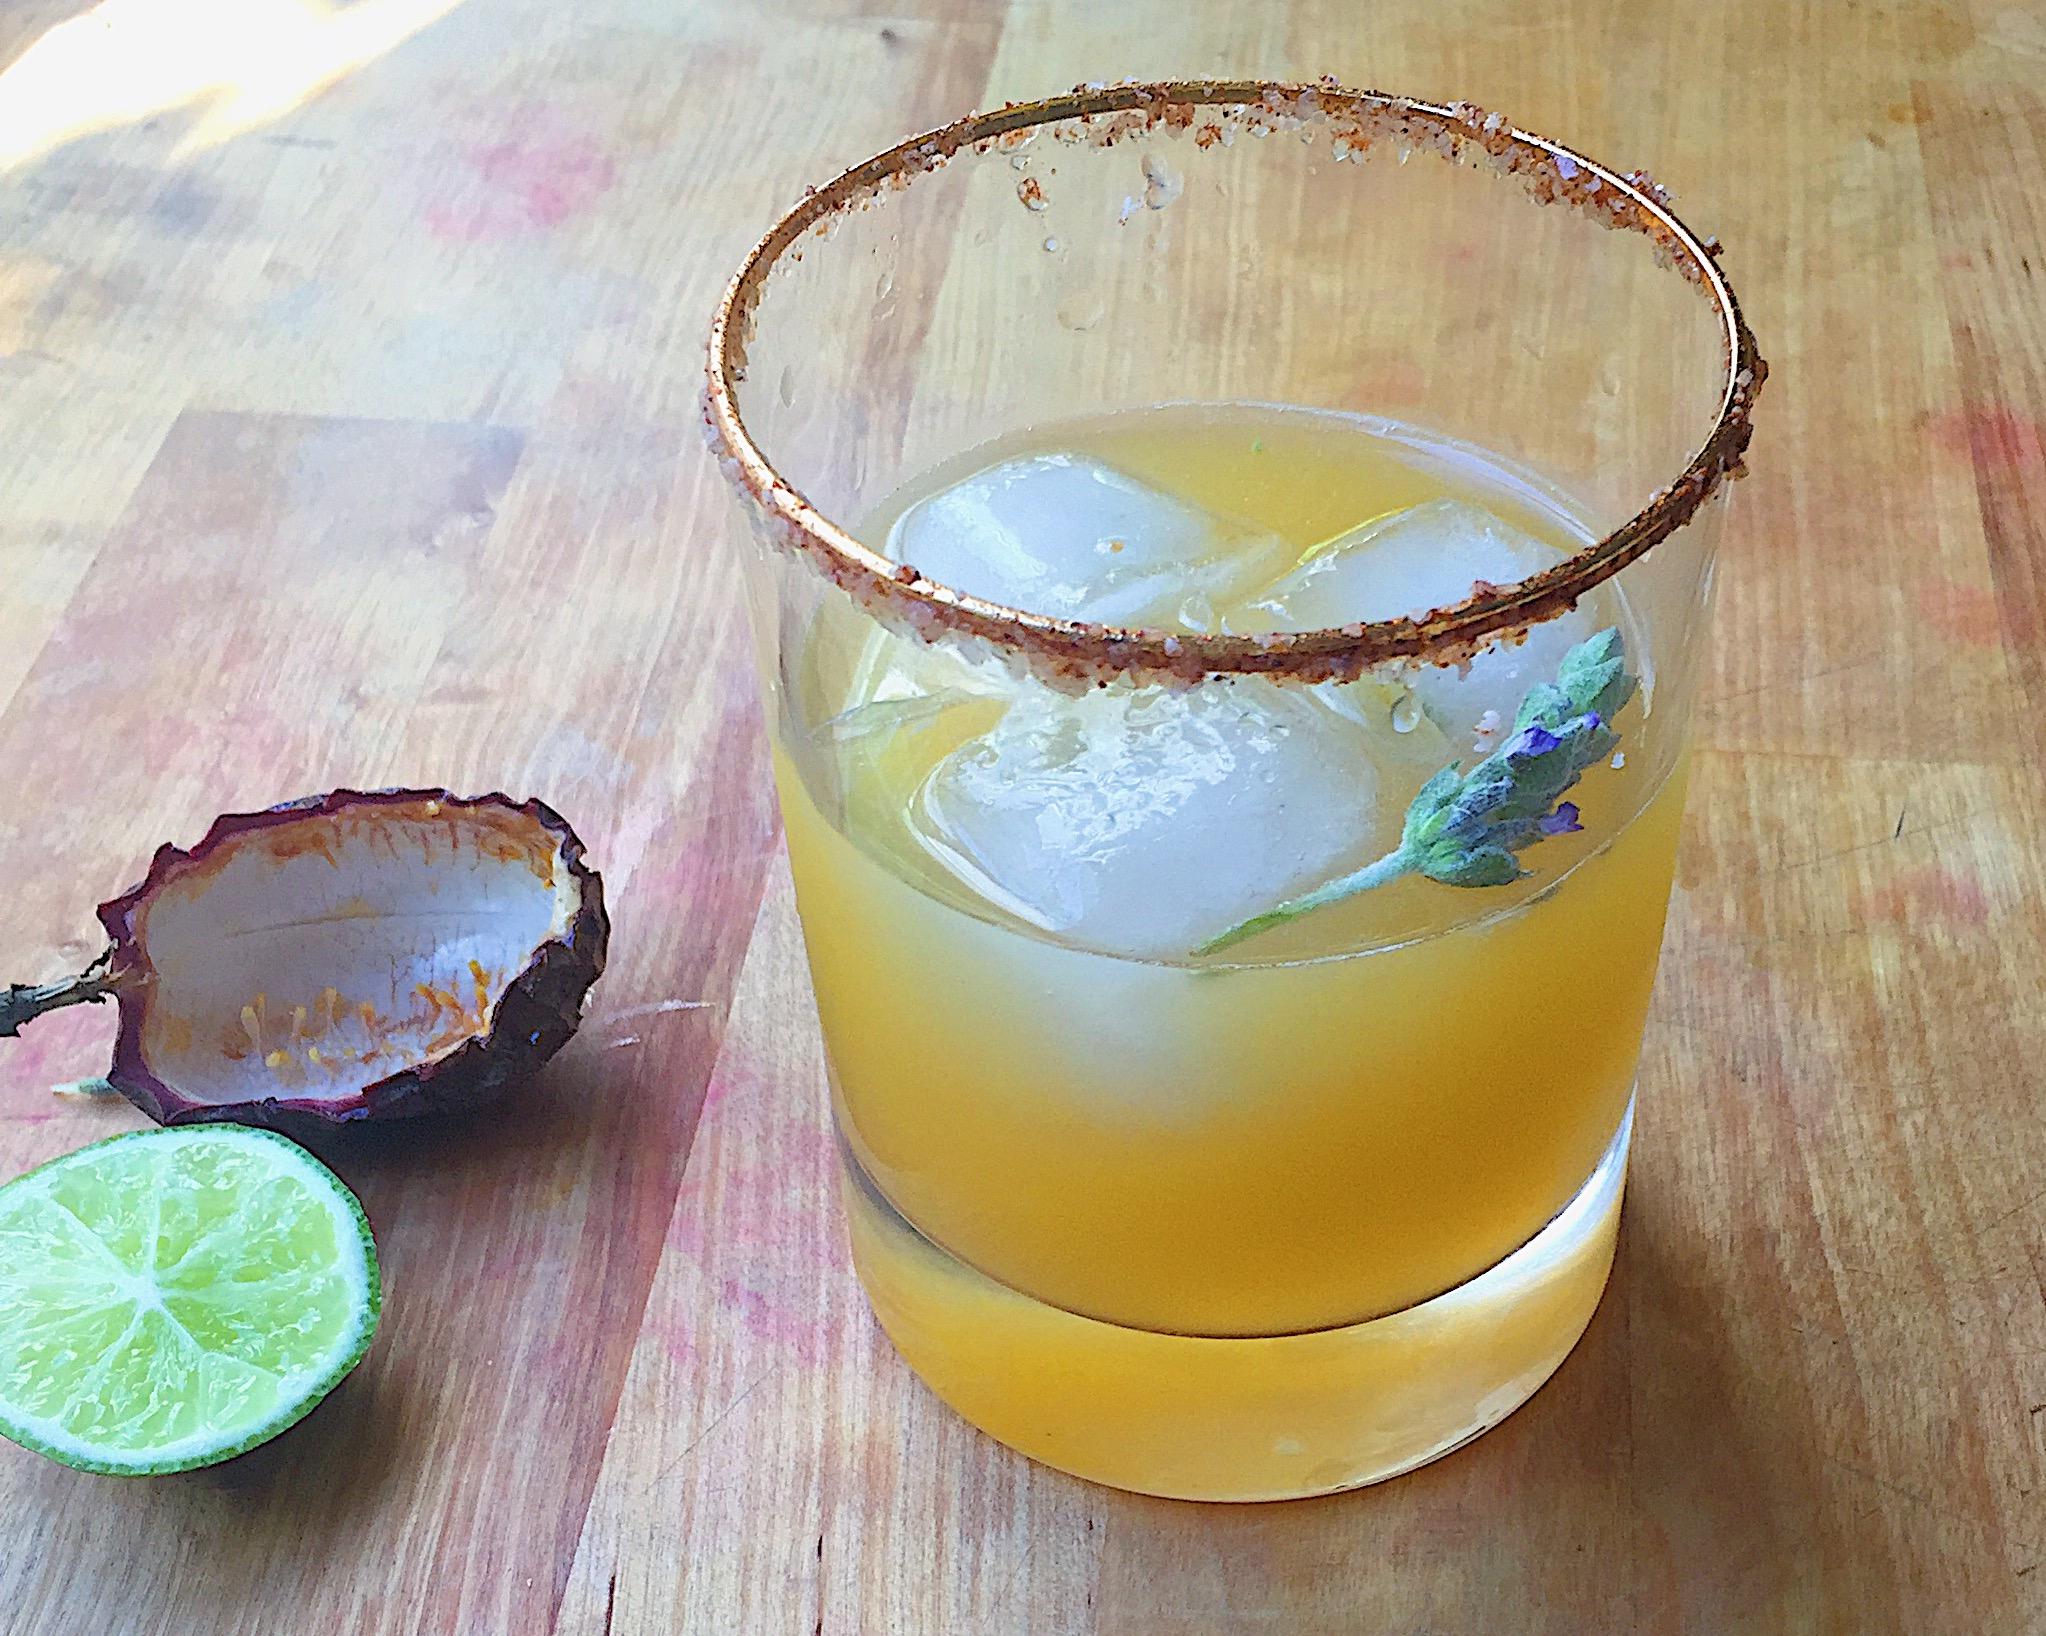 Passion Fruit & Lavender Margarita